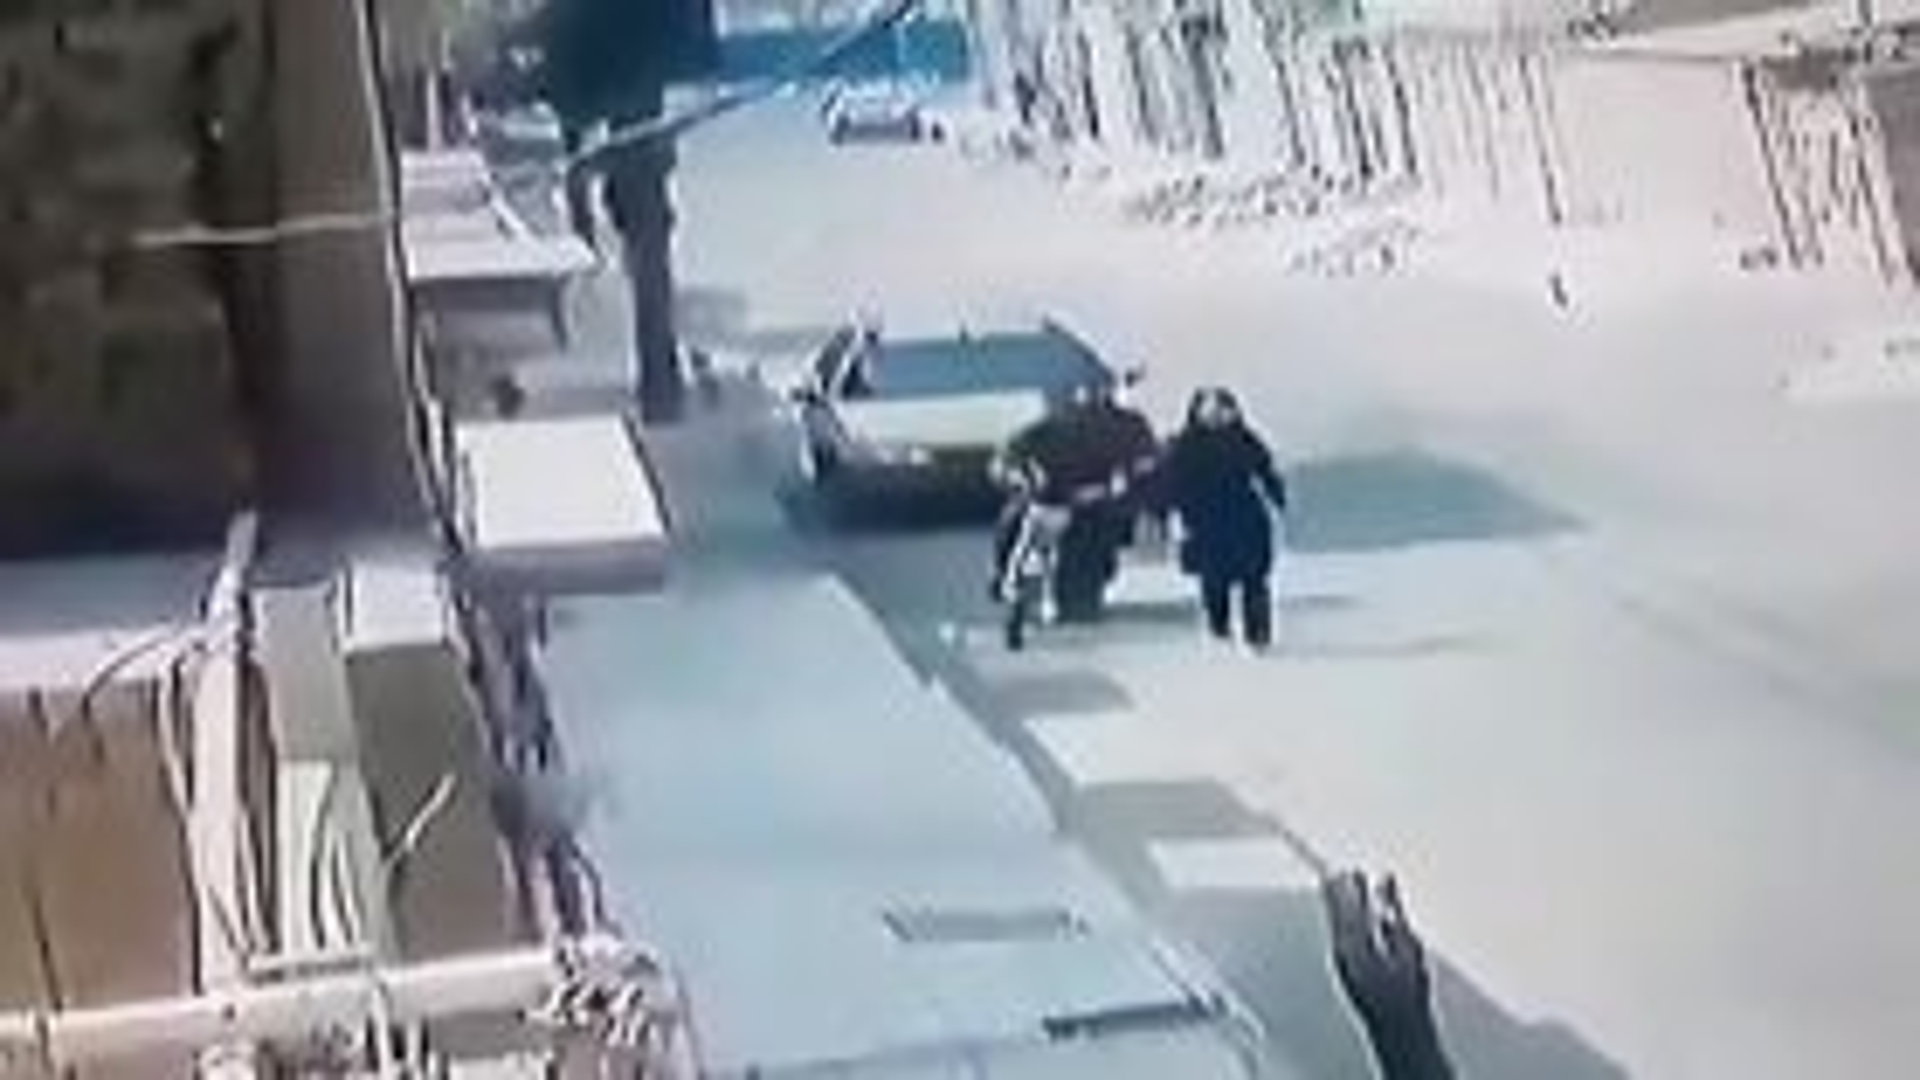 کیف قاپی وحشیانه توسط موتورسوار در اهواز | فیلم